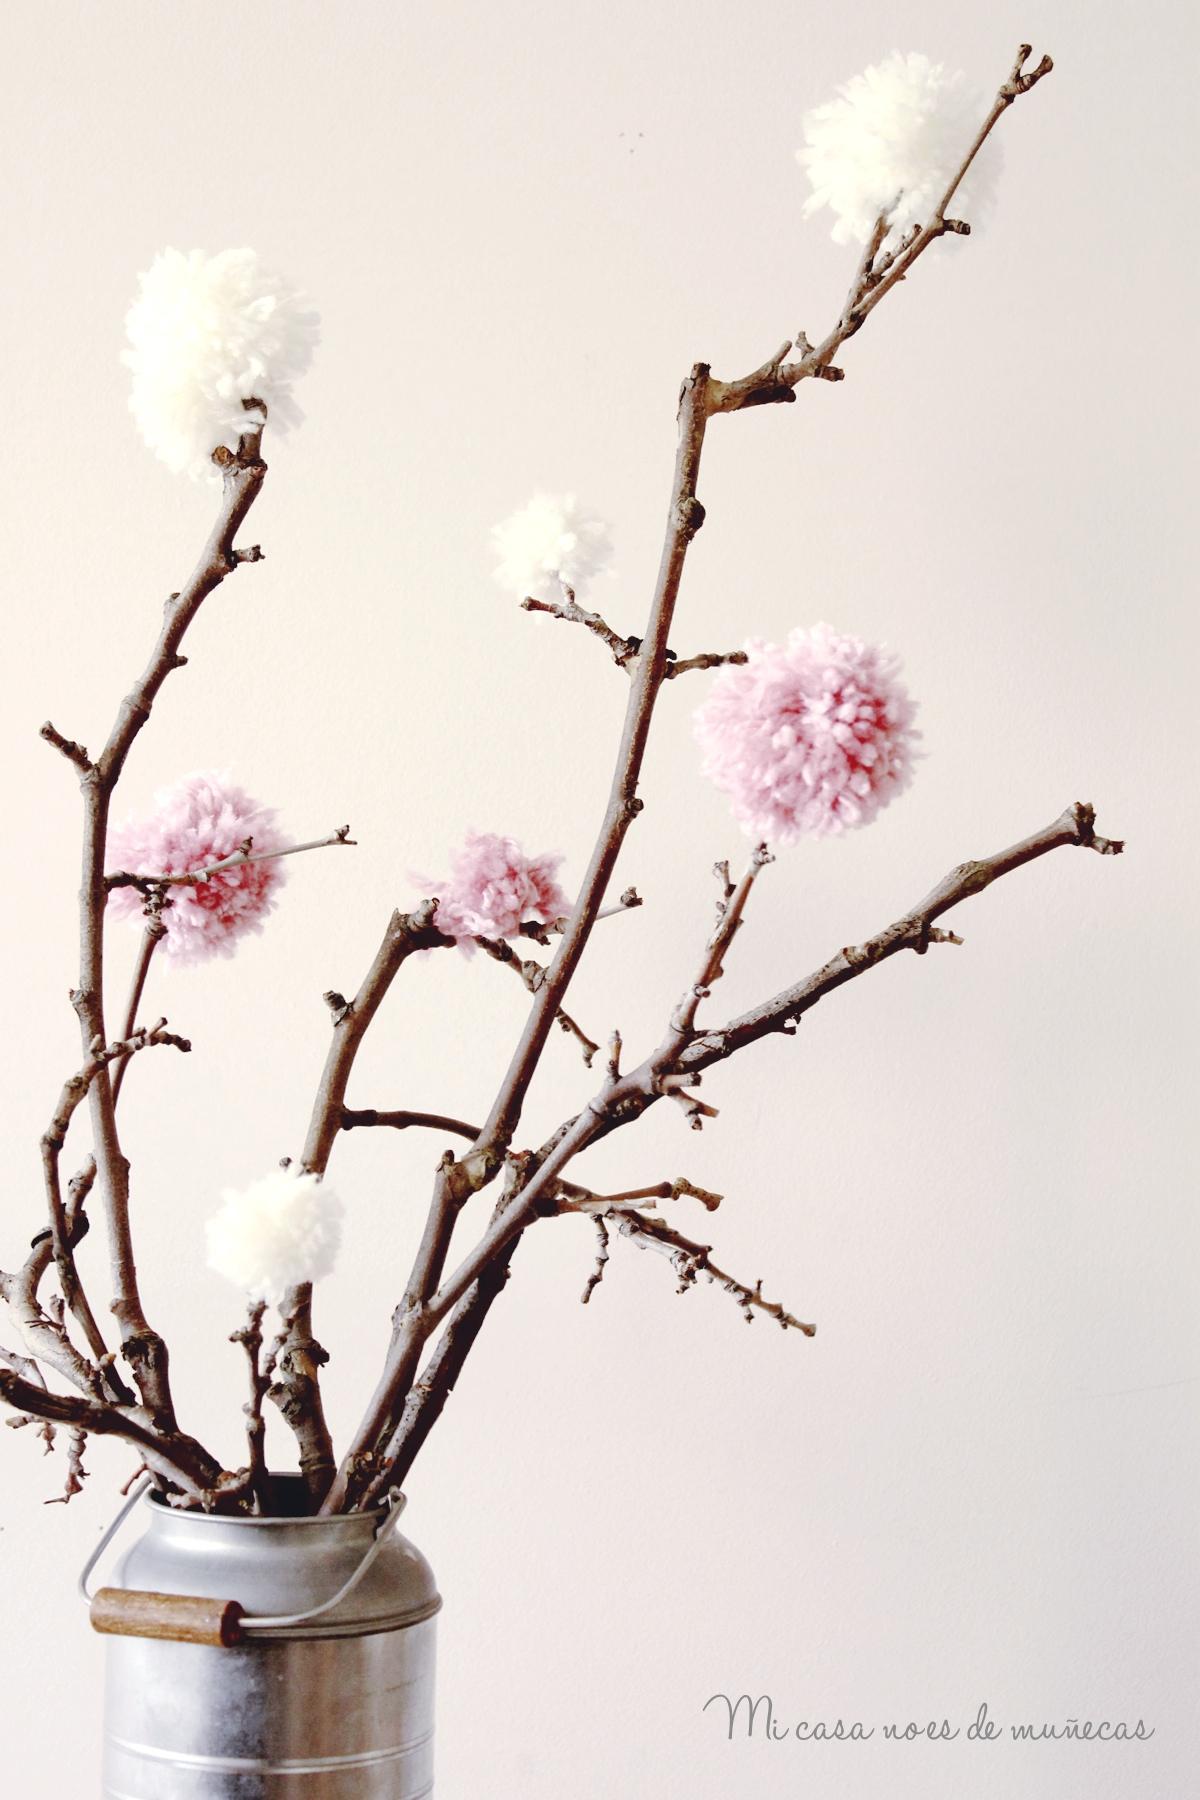 Arbol de ramas y pompones 01